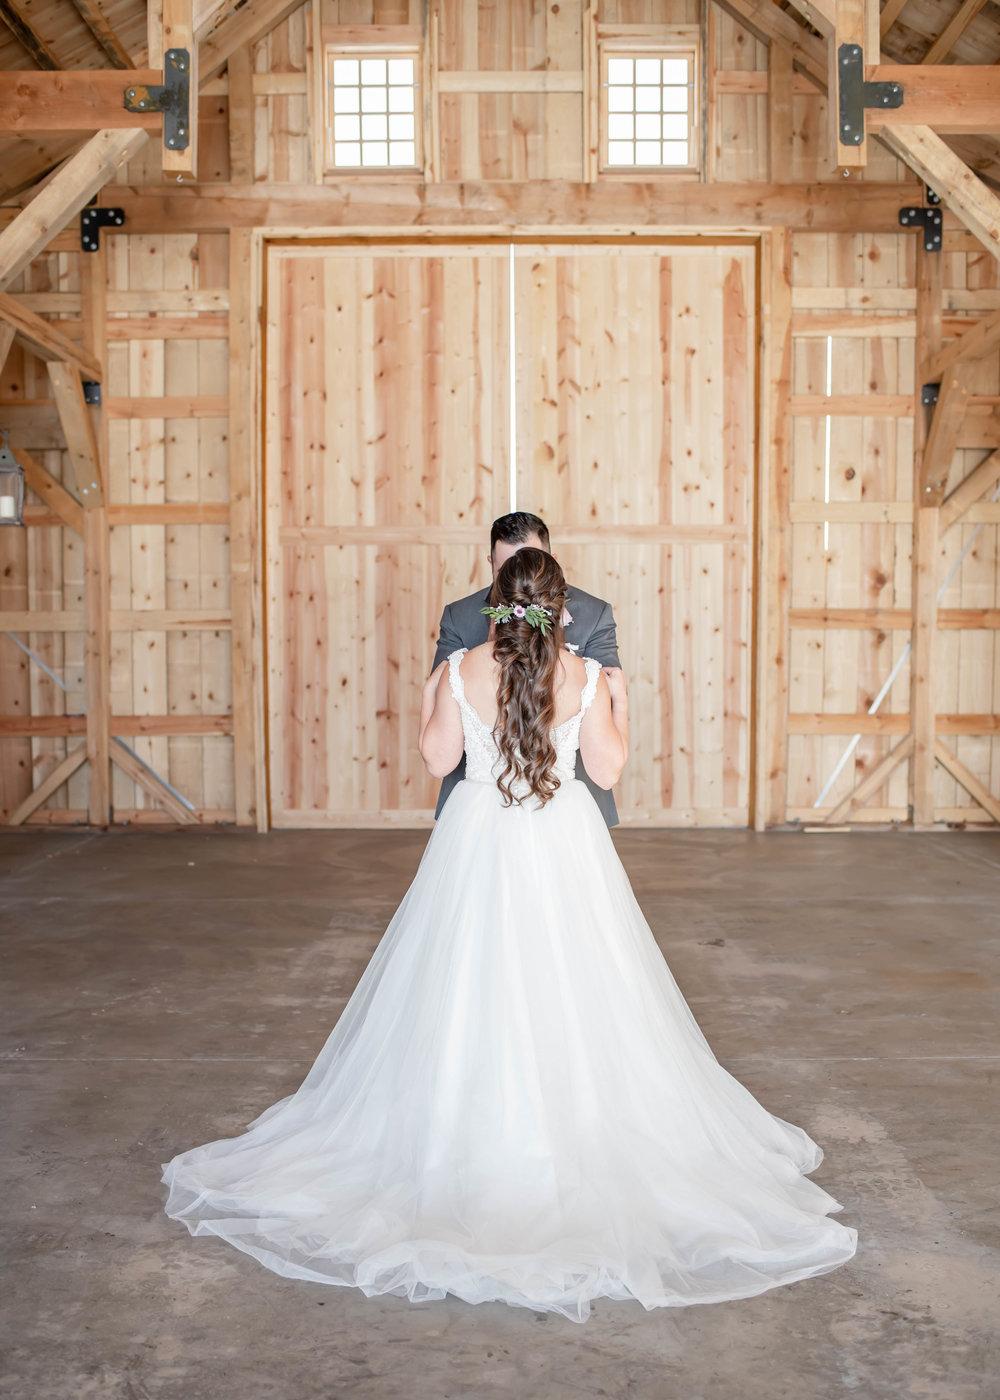 bridal gown barn weddings, Chama, NM 3.jpg